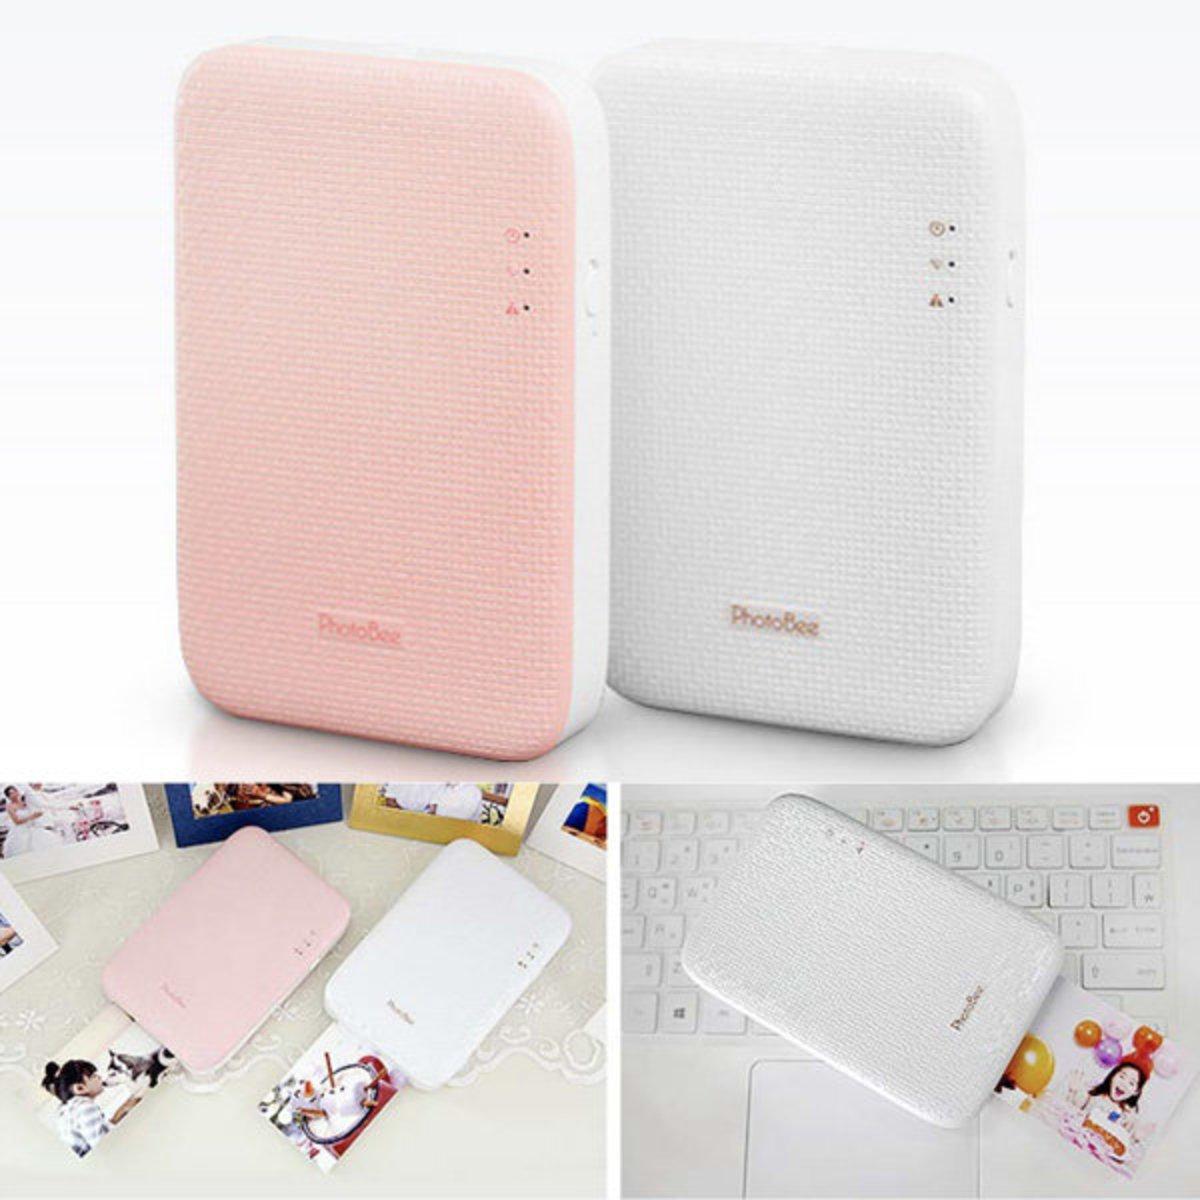 韓國PhotoBee 超高清相片打印機(包12張相紙) (Pink)